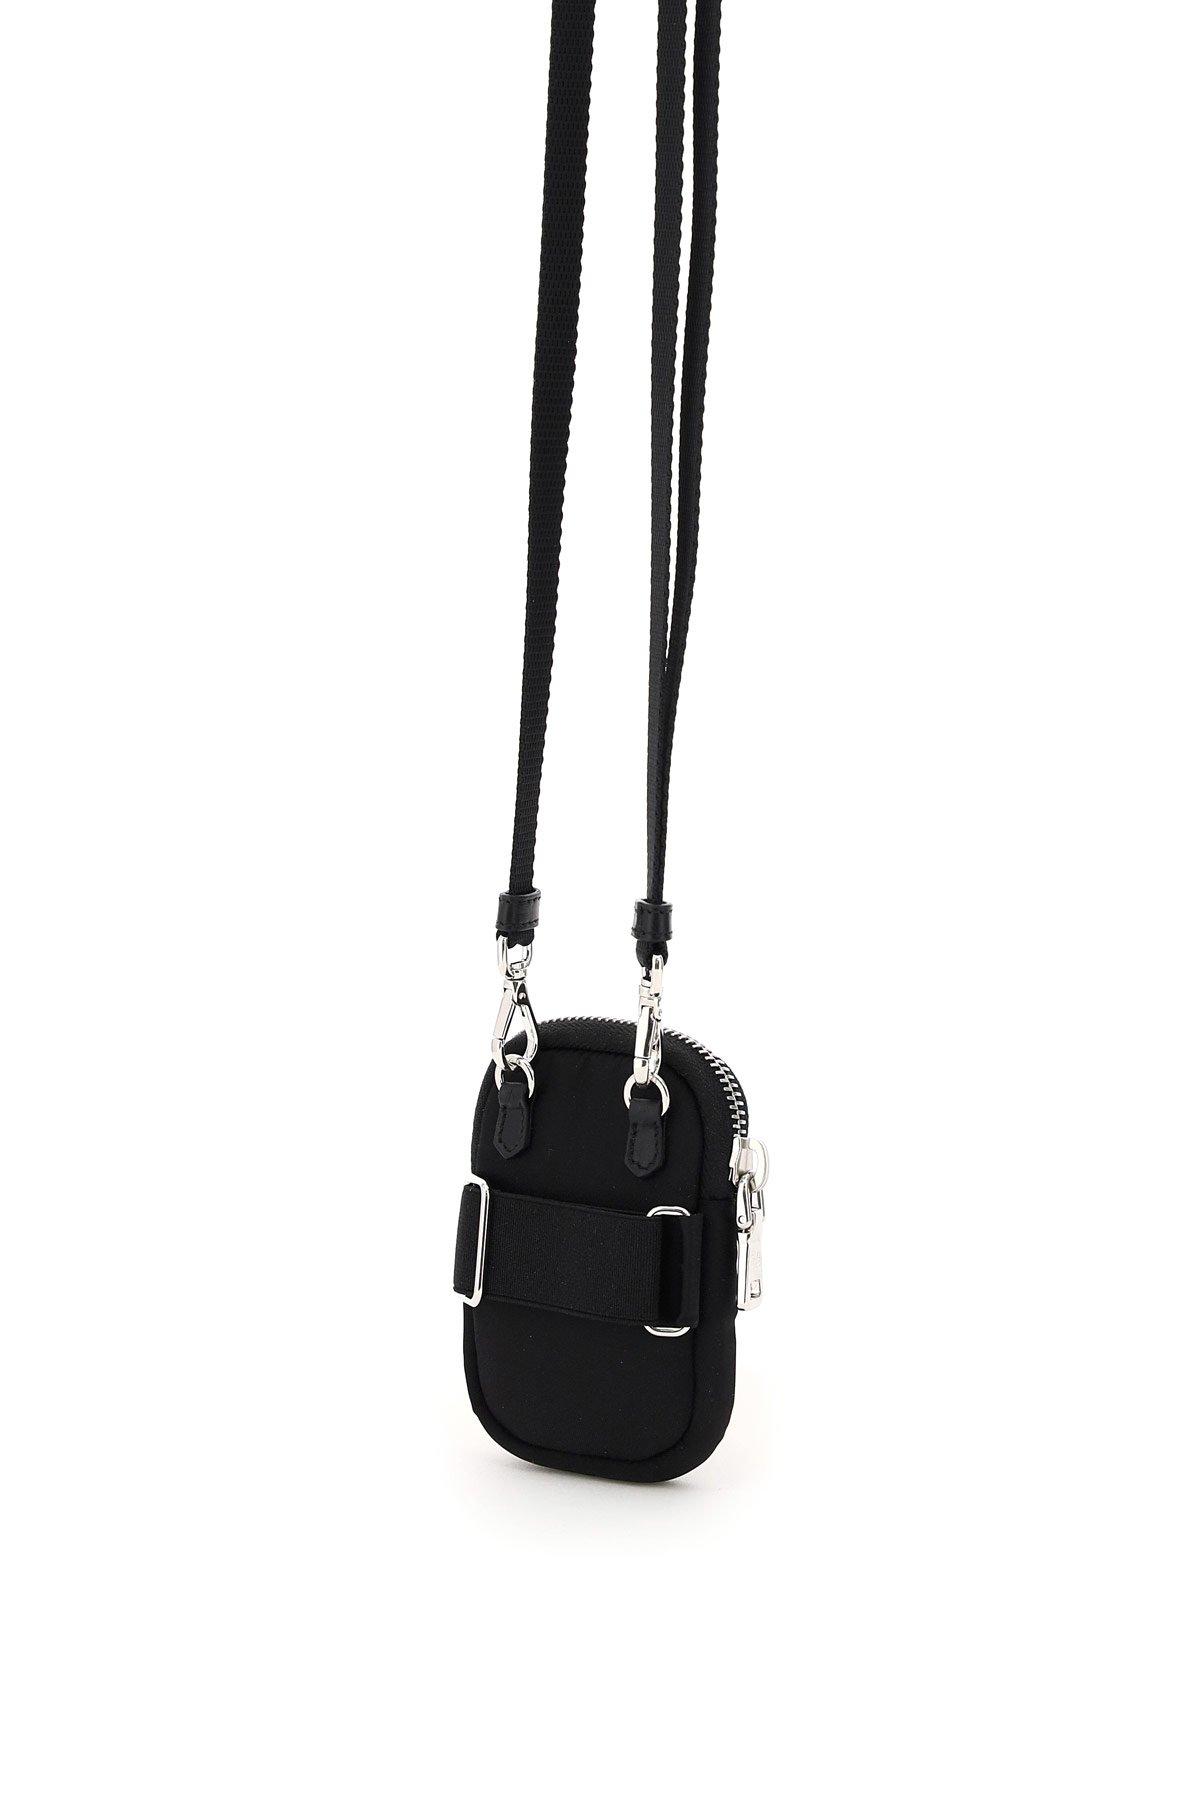 Prada mini pouch con tracolla